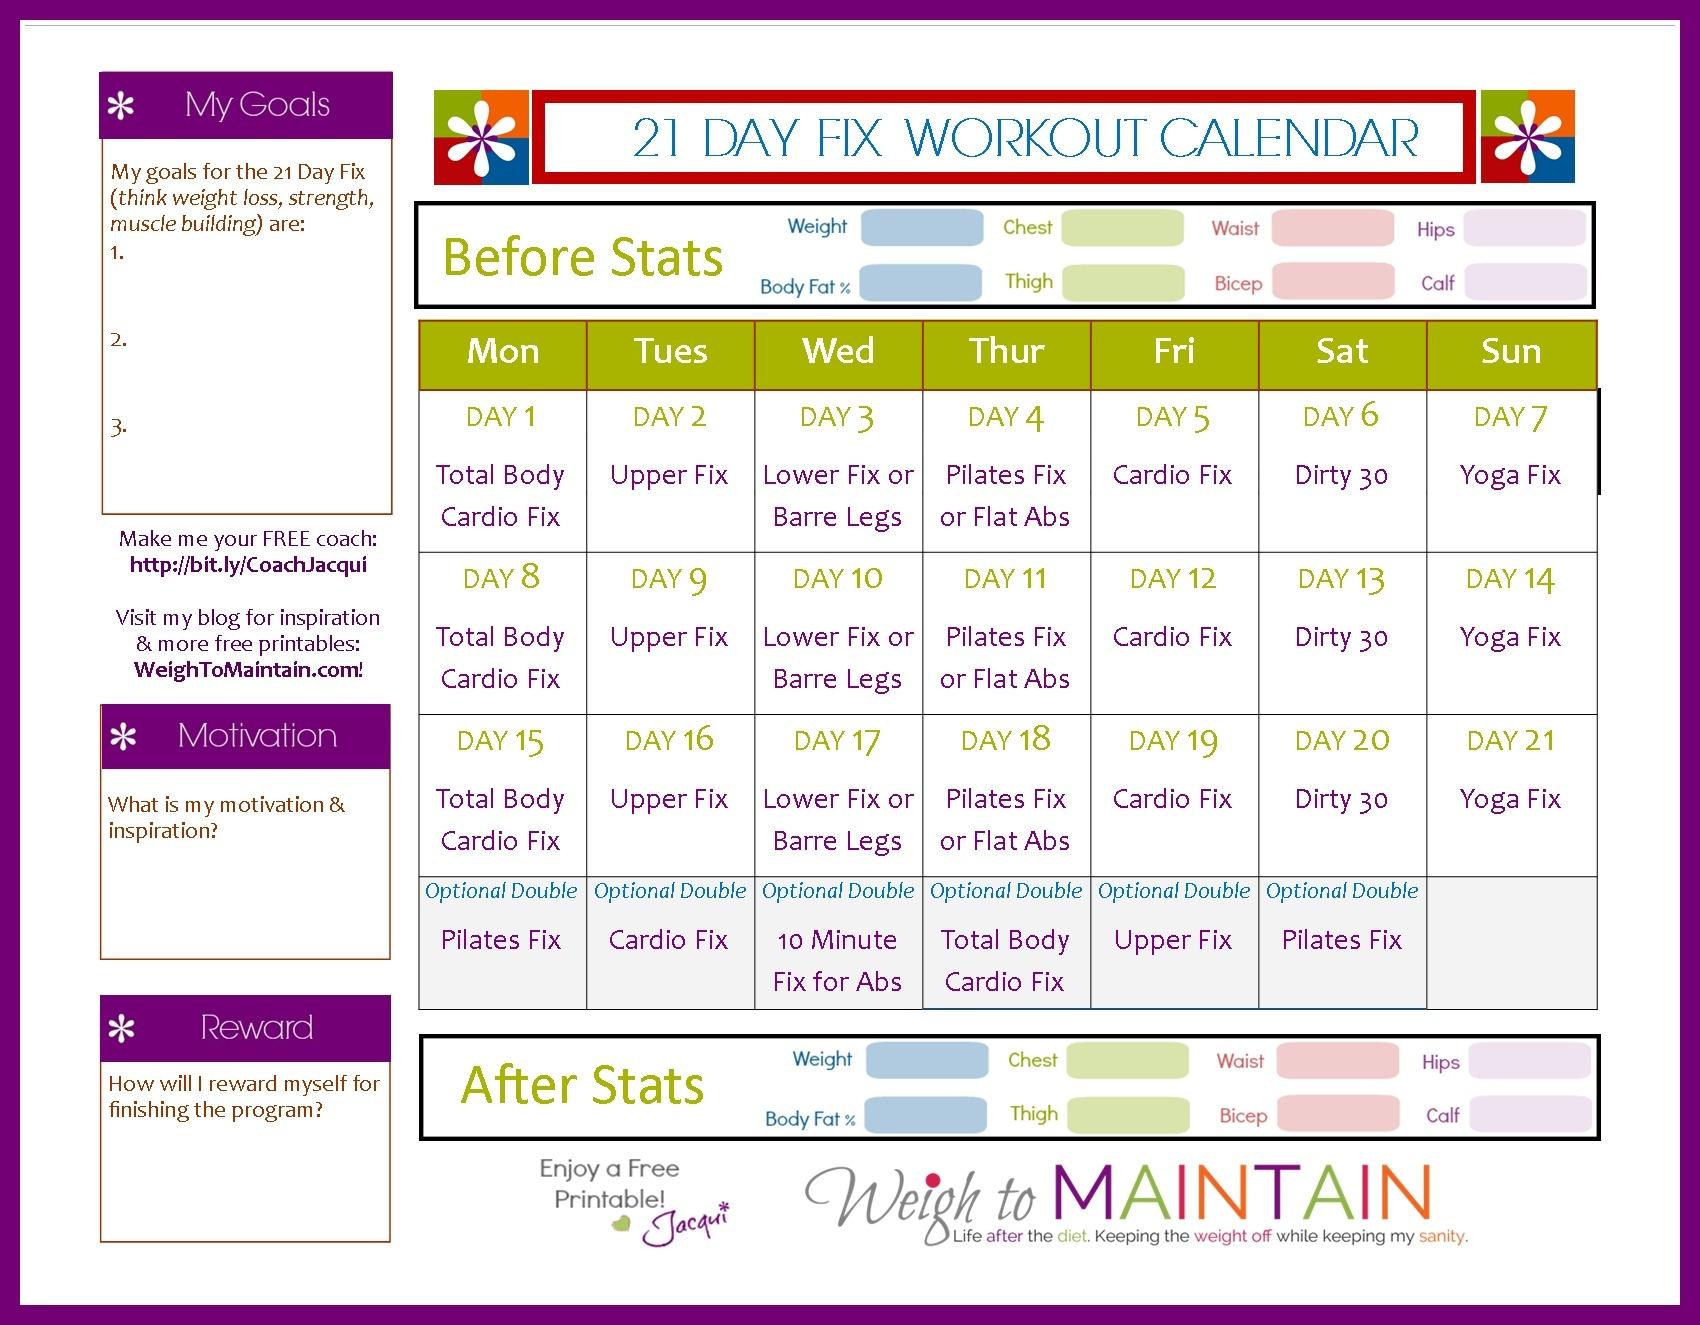 21 Day Fix Workout Calendar Calendar Template Excel3abry